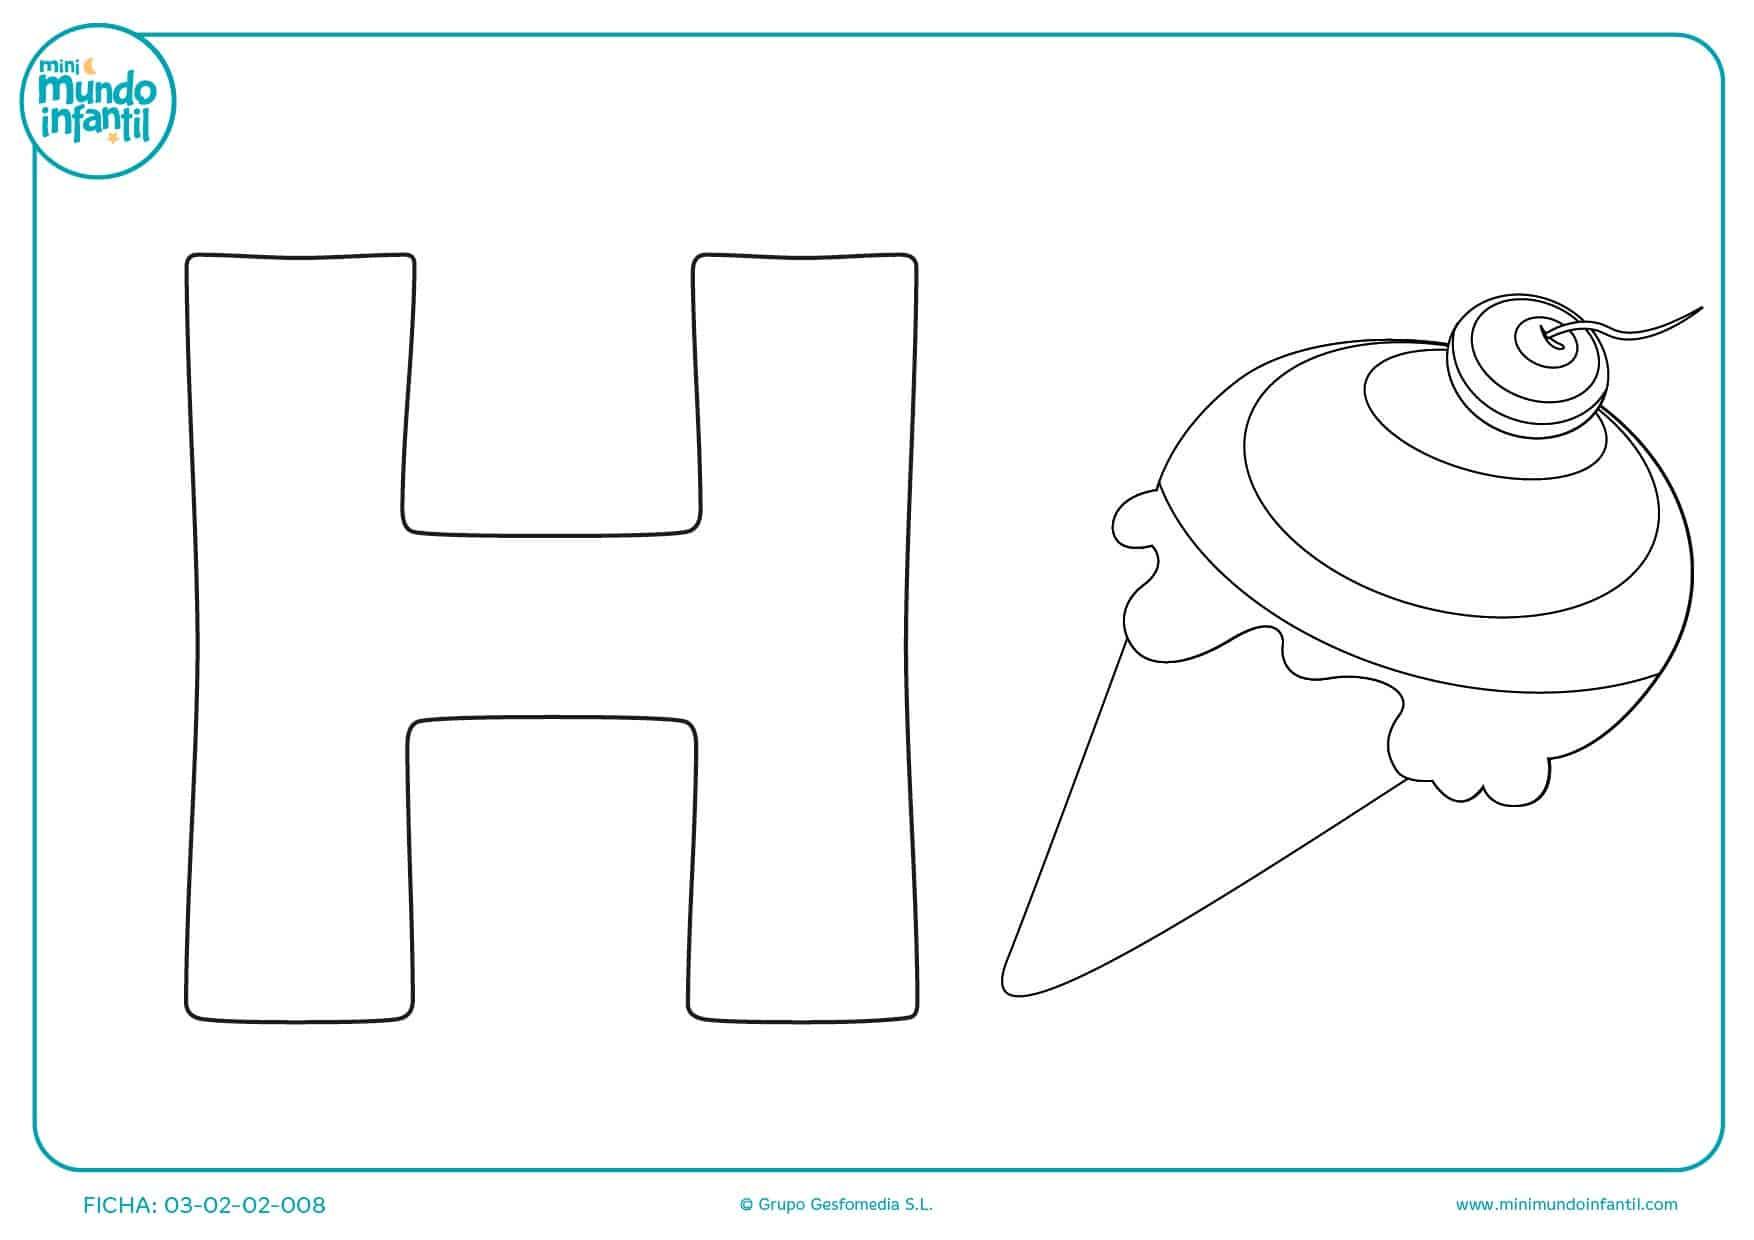 Colorear la letra H y el dibujo del helado para infantil